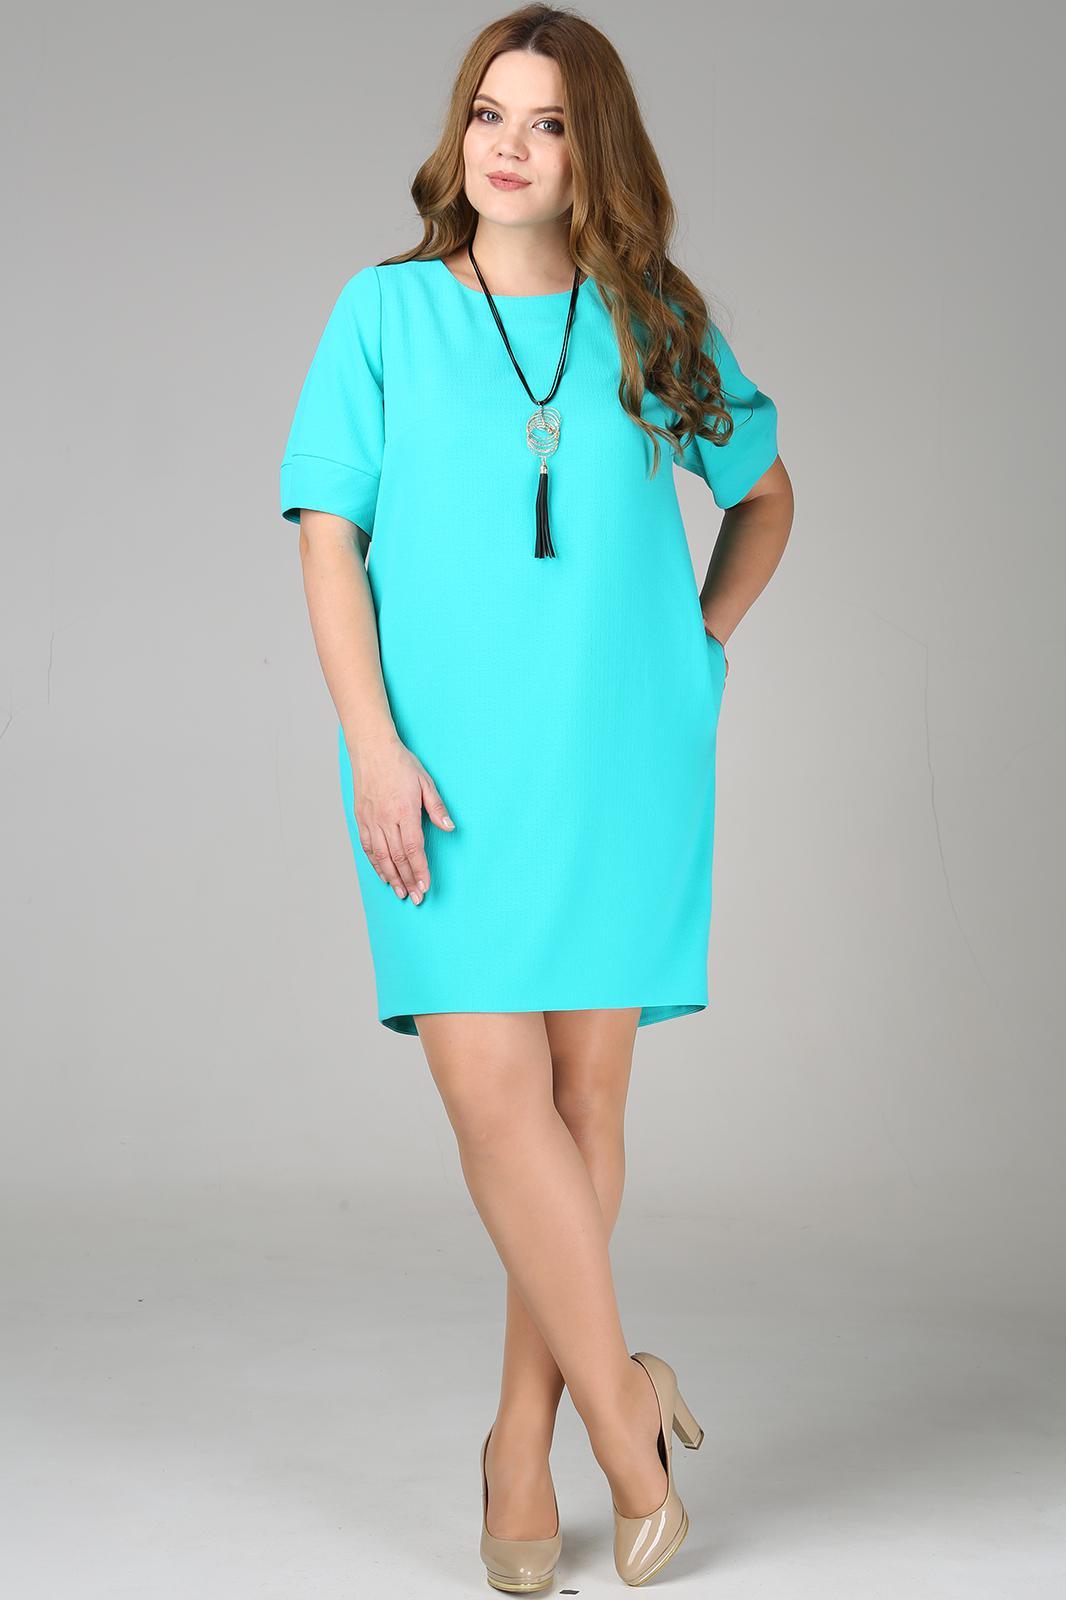 Купить Платье Bonna Image, 239 Бирюзовый, Беларусь